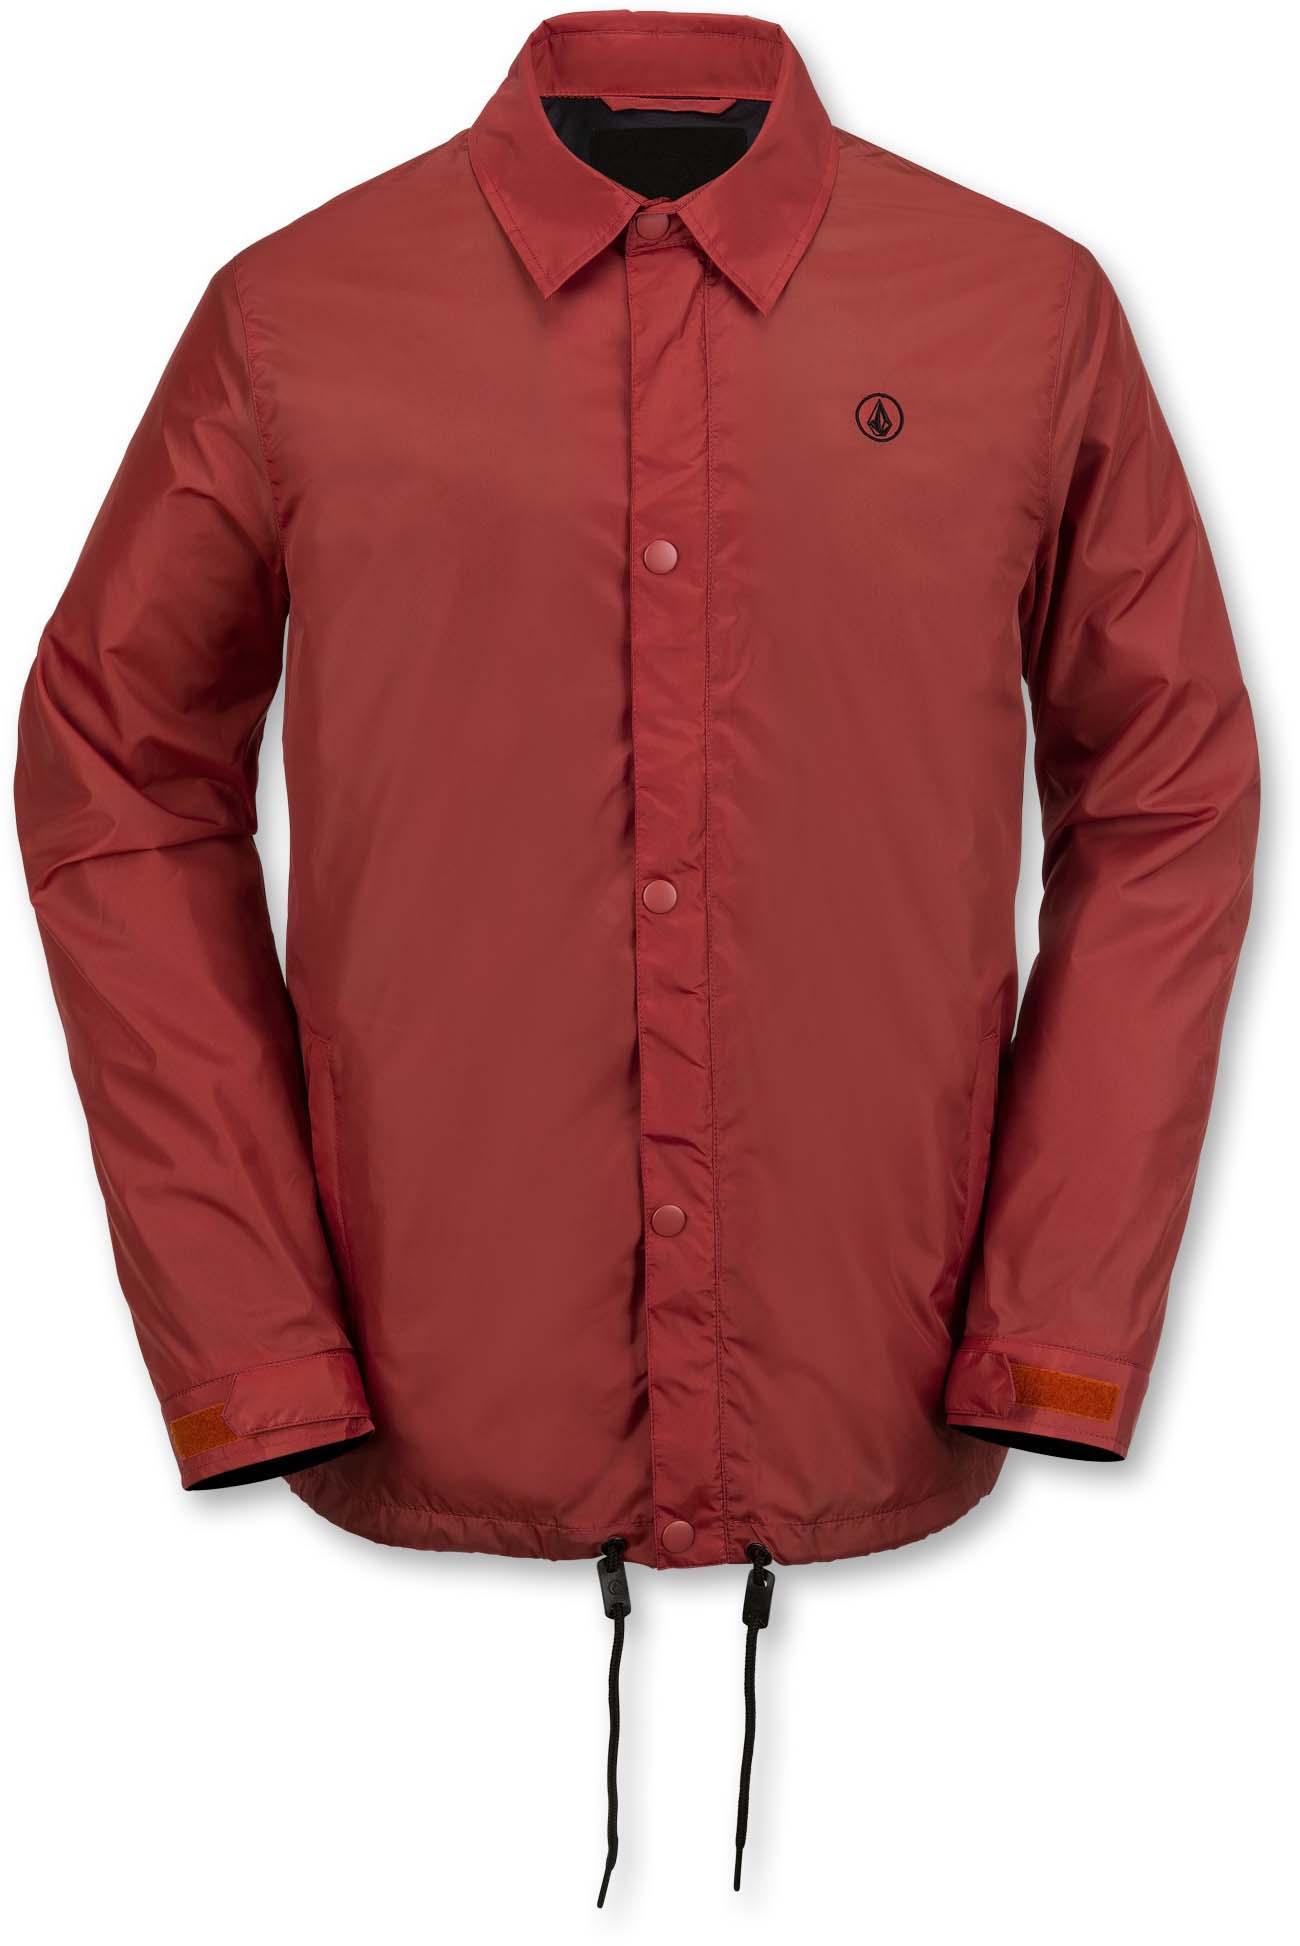 image volcom-skindawg-jacket-jpg